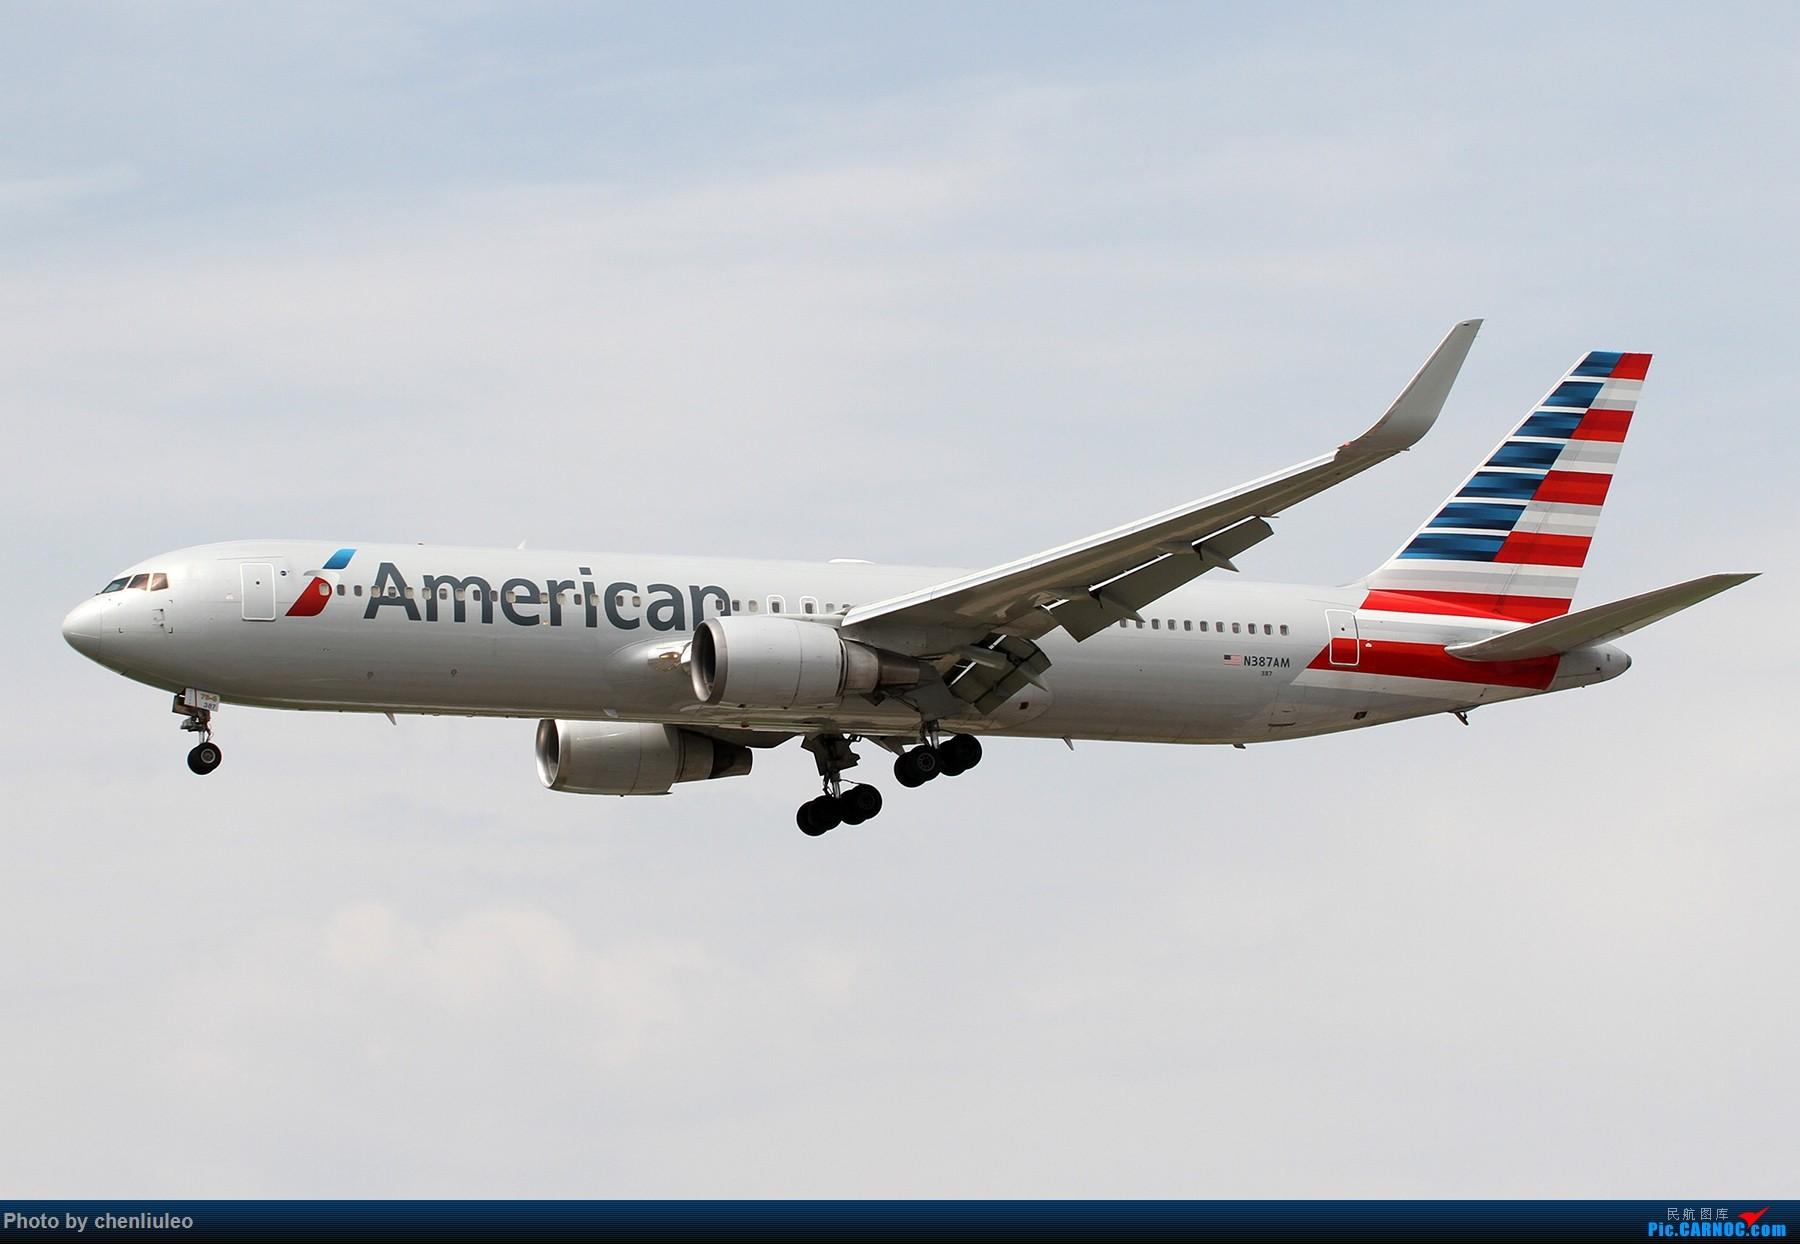 Re:[原创]【北美飞友会】芝加哥奥黑尔机场首拍 BOEING 767-300ER N387AM 美国芝加哥奥黑尔国际机场